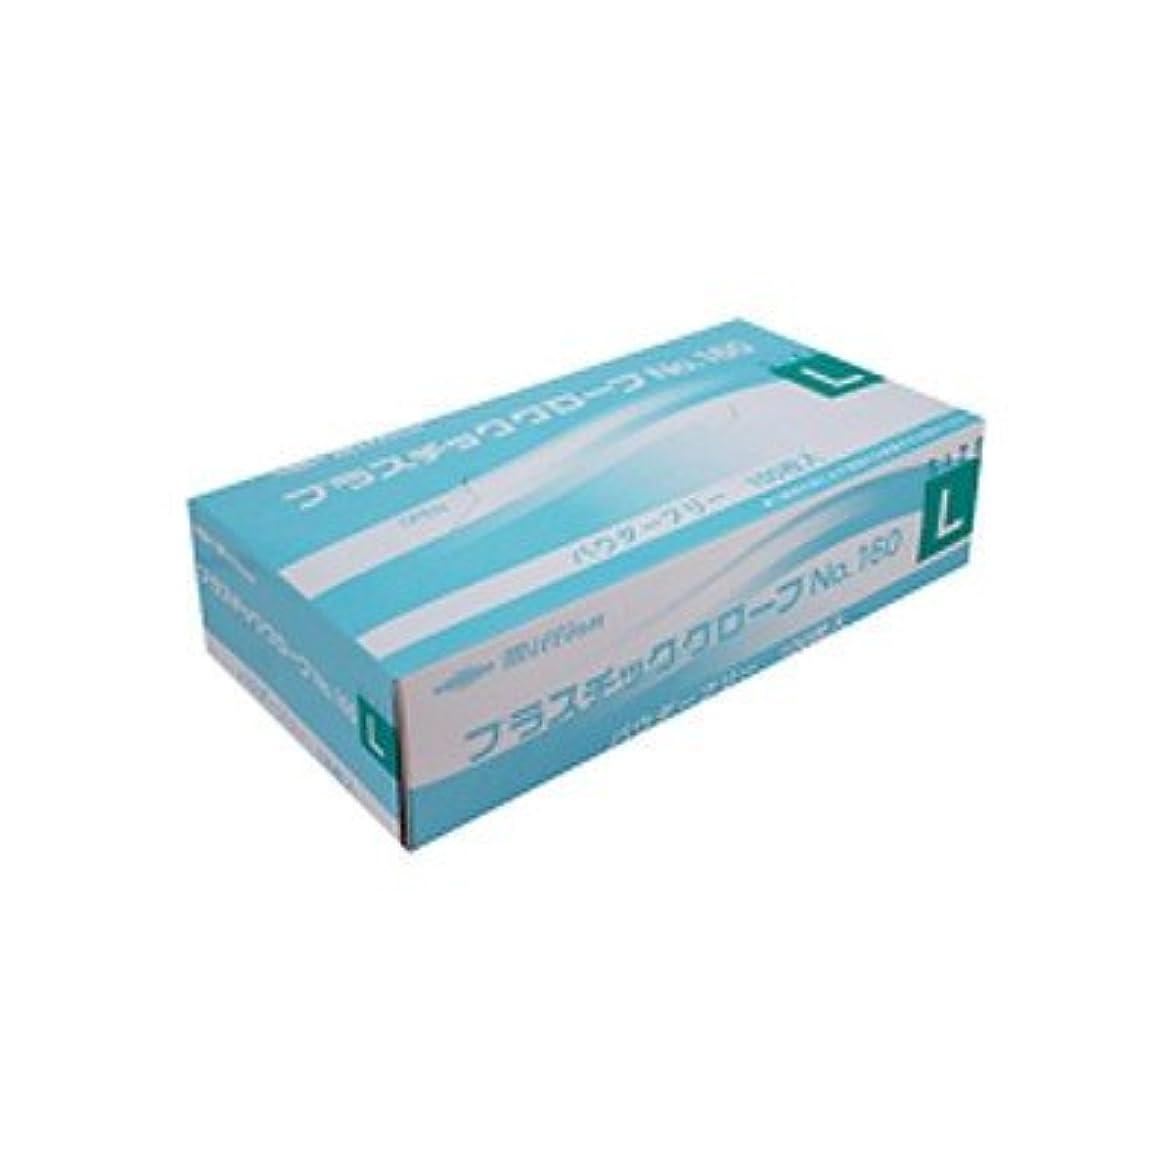 費用引数同級生ミリオン プラスチック手袋 粉無 No.160 L 品番:LH-160-L 注文番号:62741590 メーカー:共和